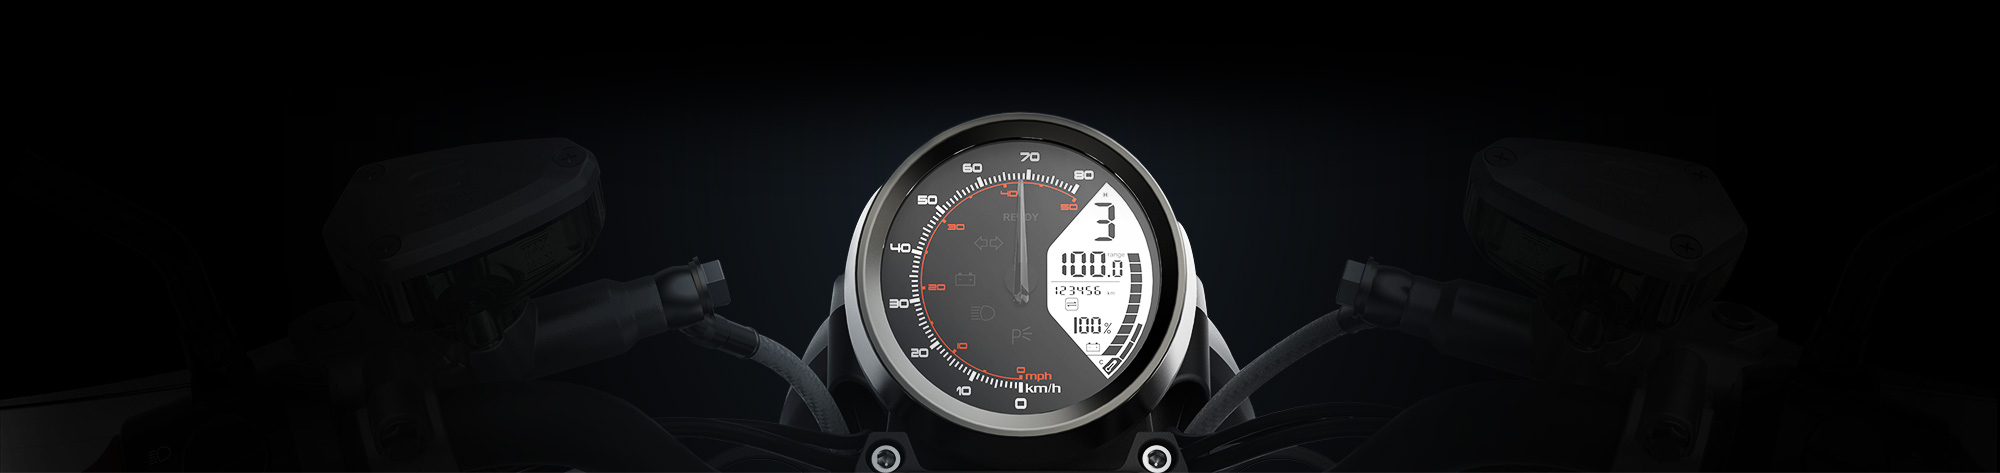 S6_supersoco_TC_design-1